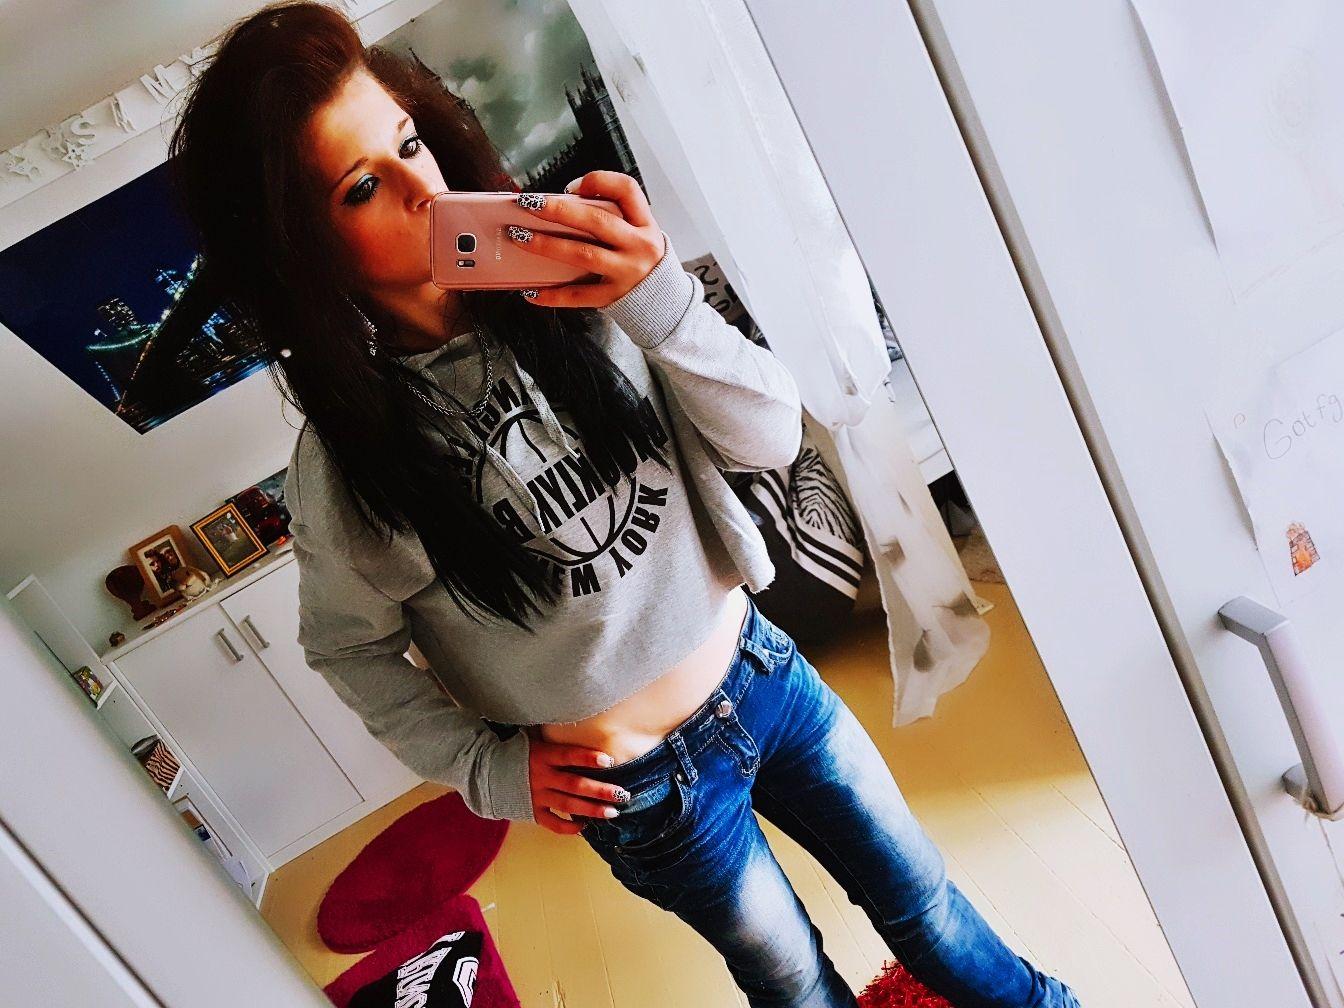 Shelly Abdallah mit braunen Haaren